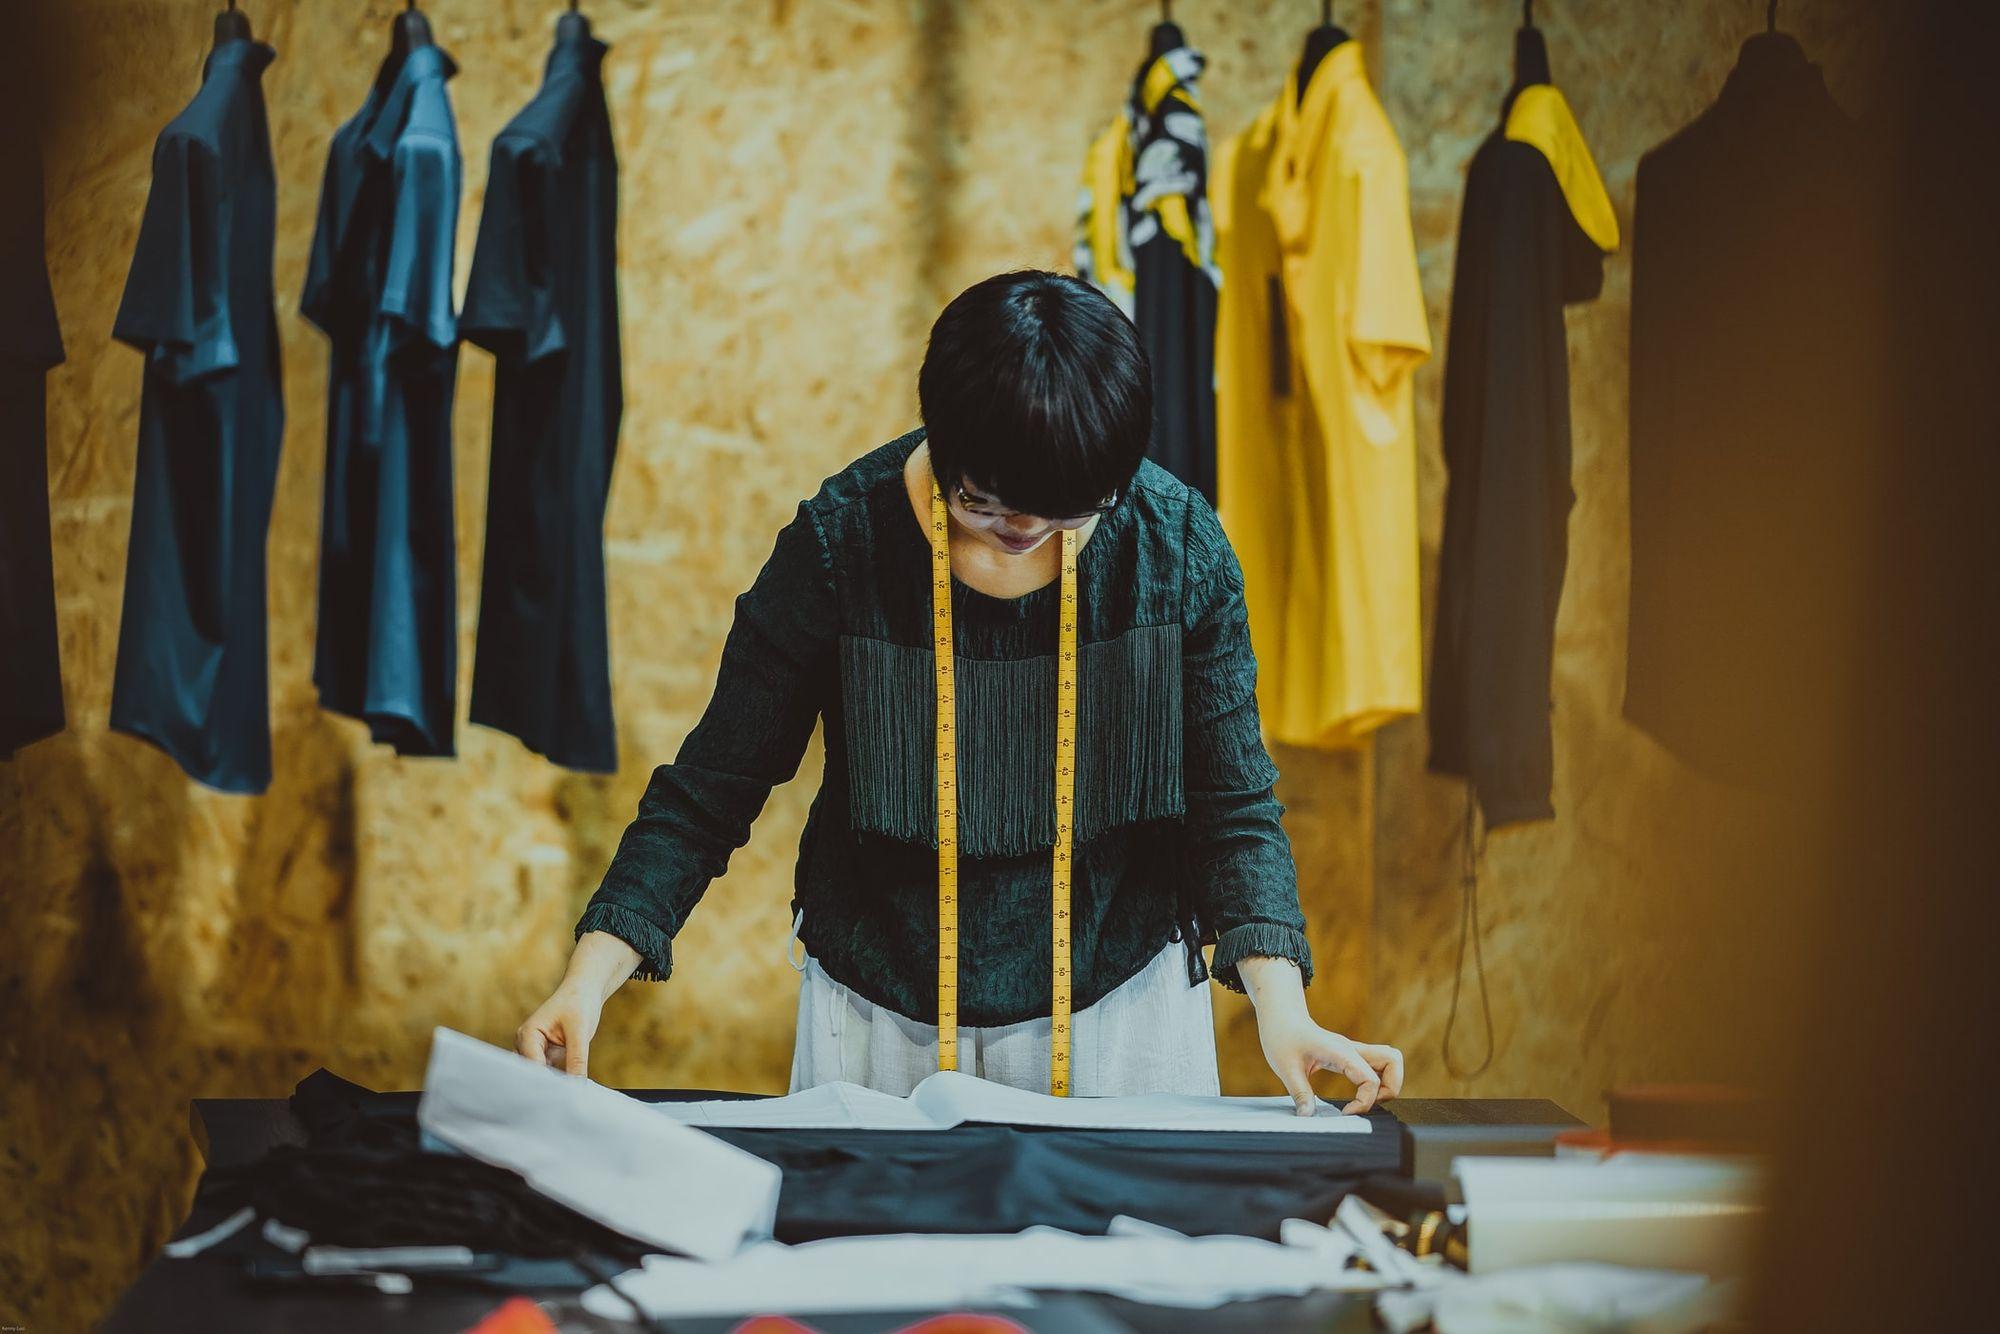 Стоит ли учиться шить?